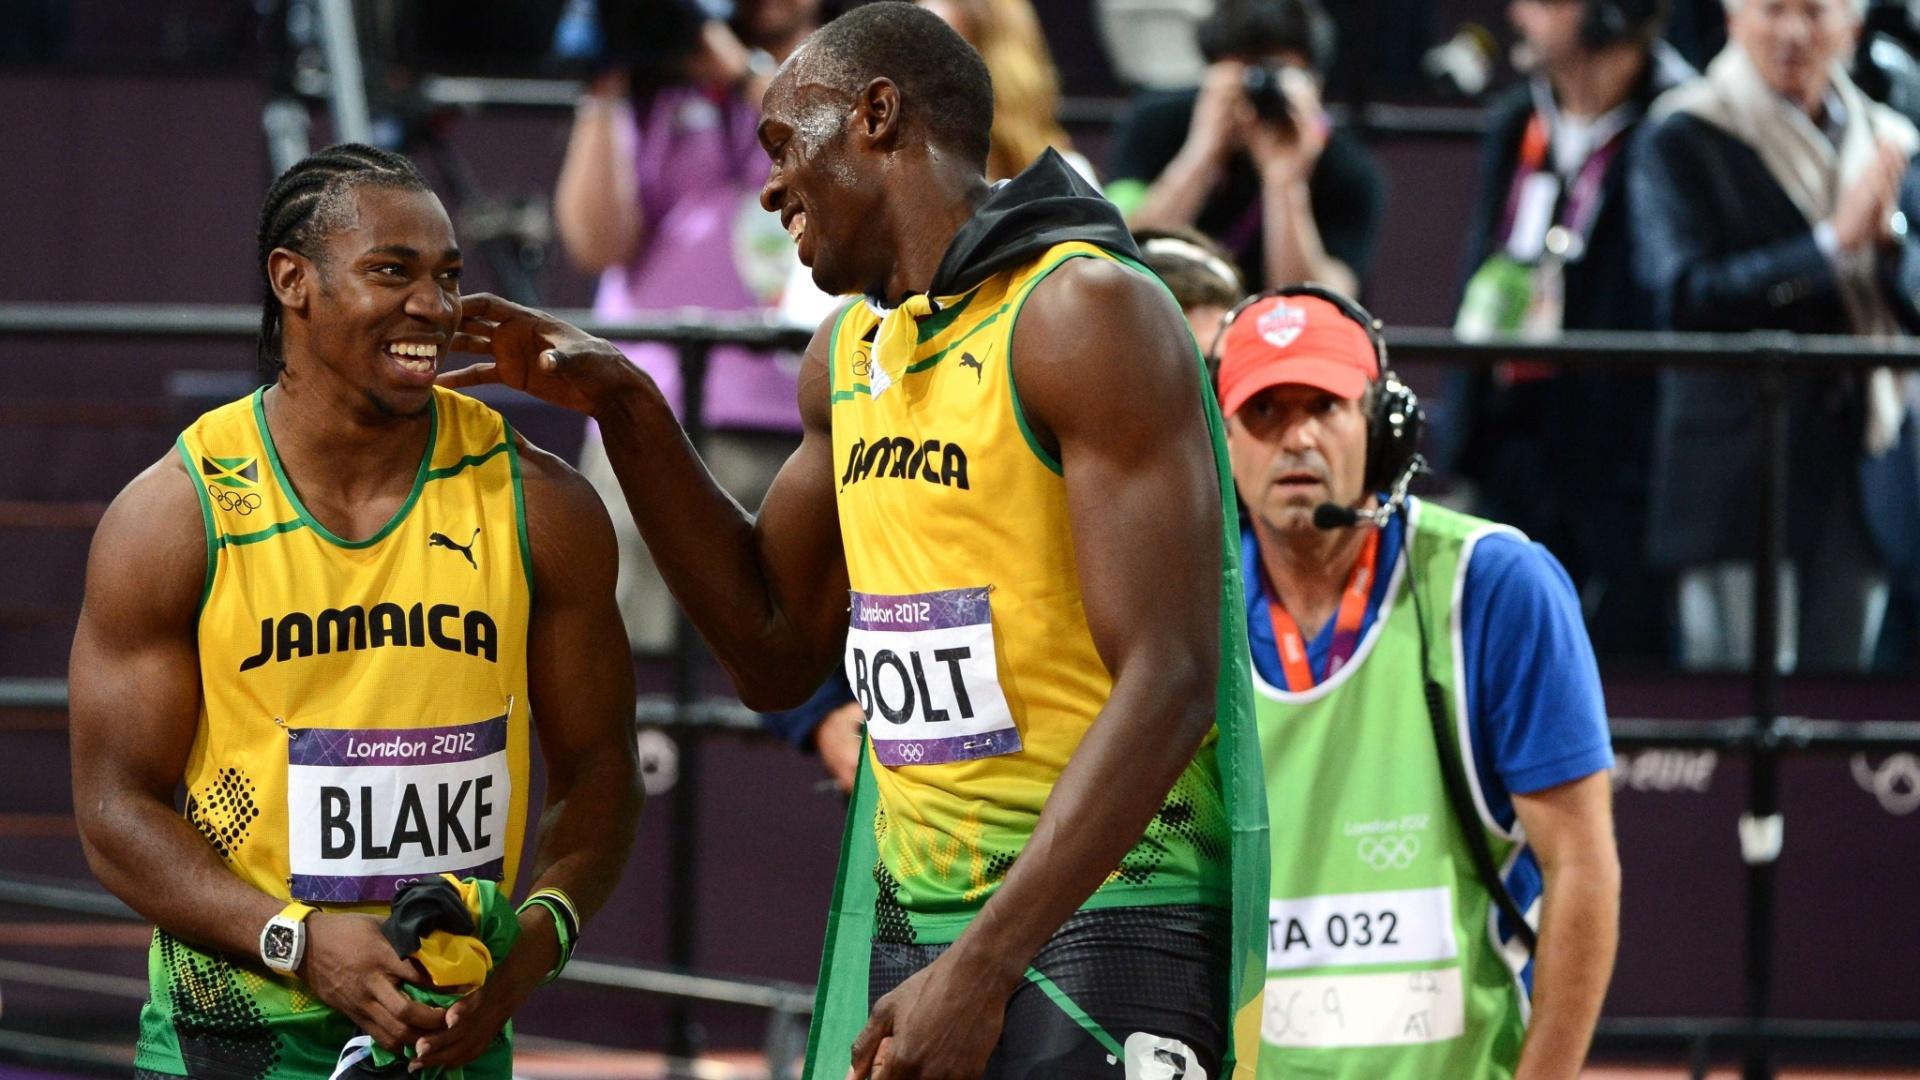 Usain Bolt celebra vitória na final dos 100 m rasos com Yohan Blake, segundo colocado na prova